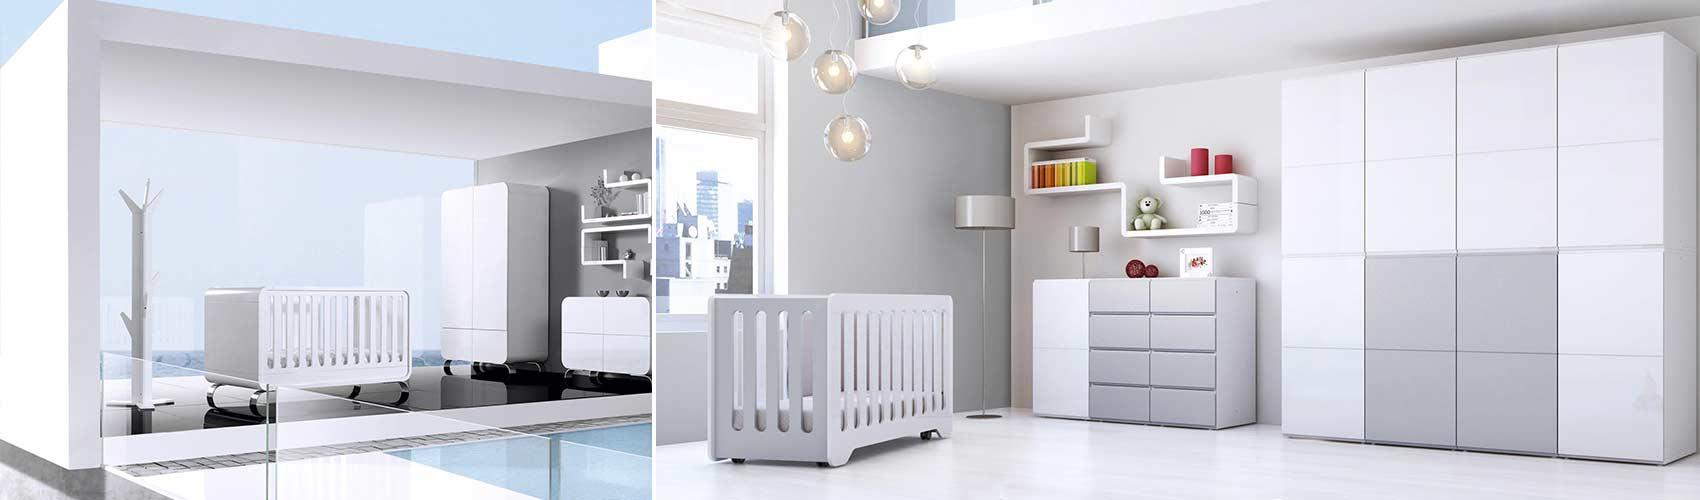 Camerette Alondra vendita online - Bimbi Megastore negozio per la prima infanzia